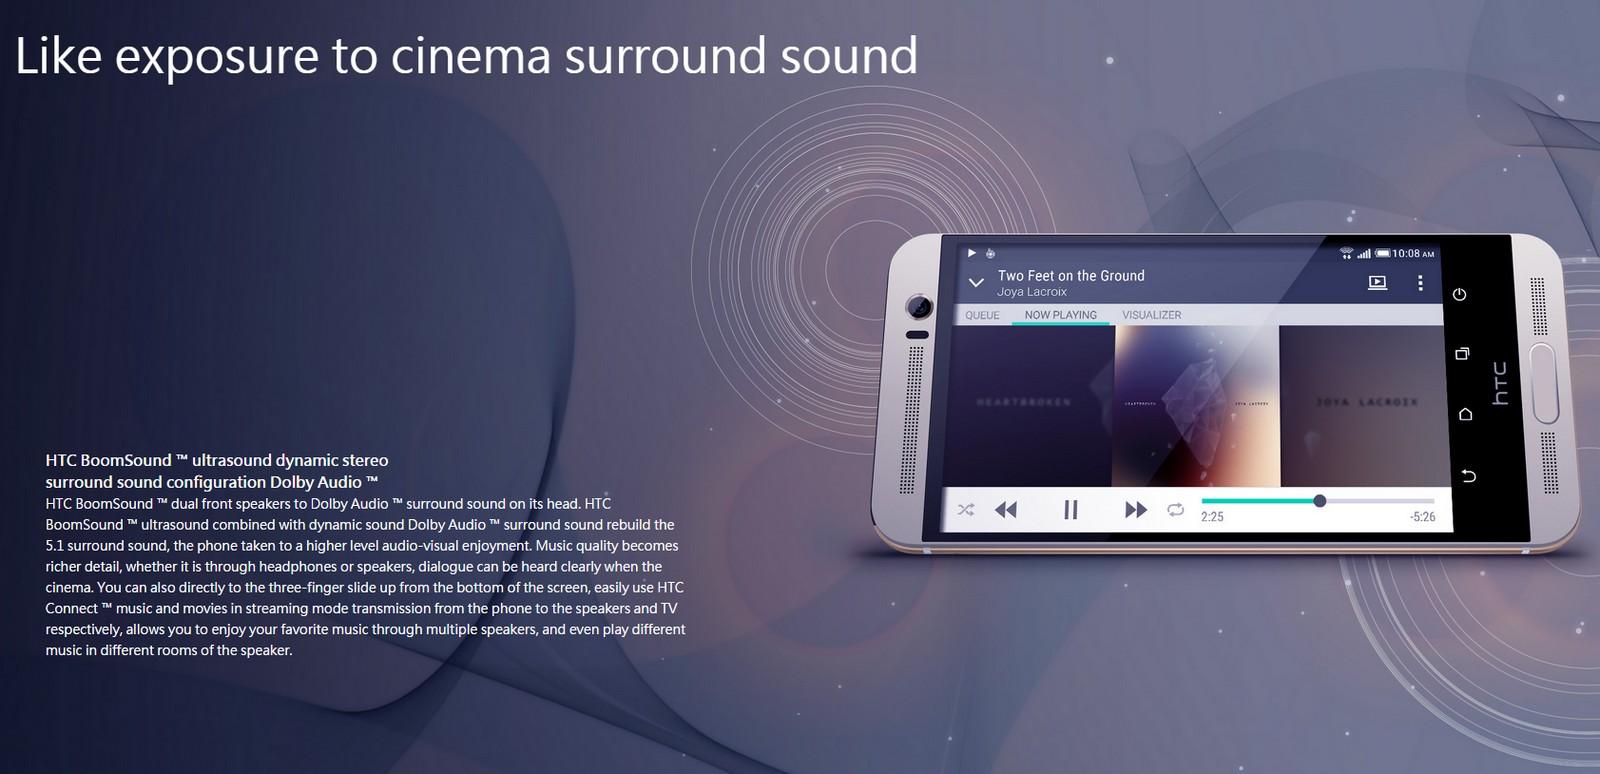 HTC One M9+ Premium Camera audio